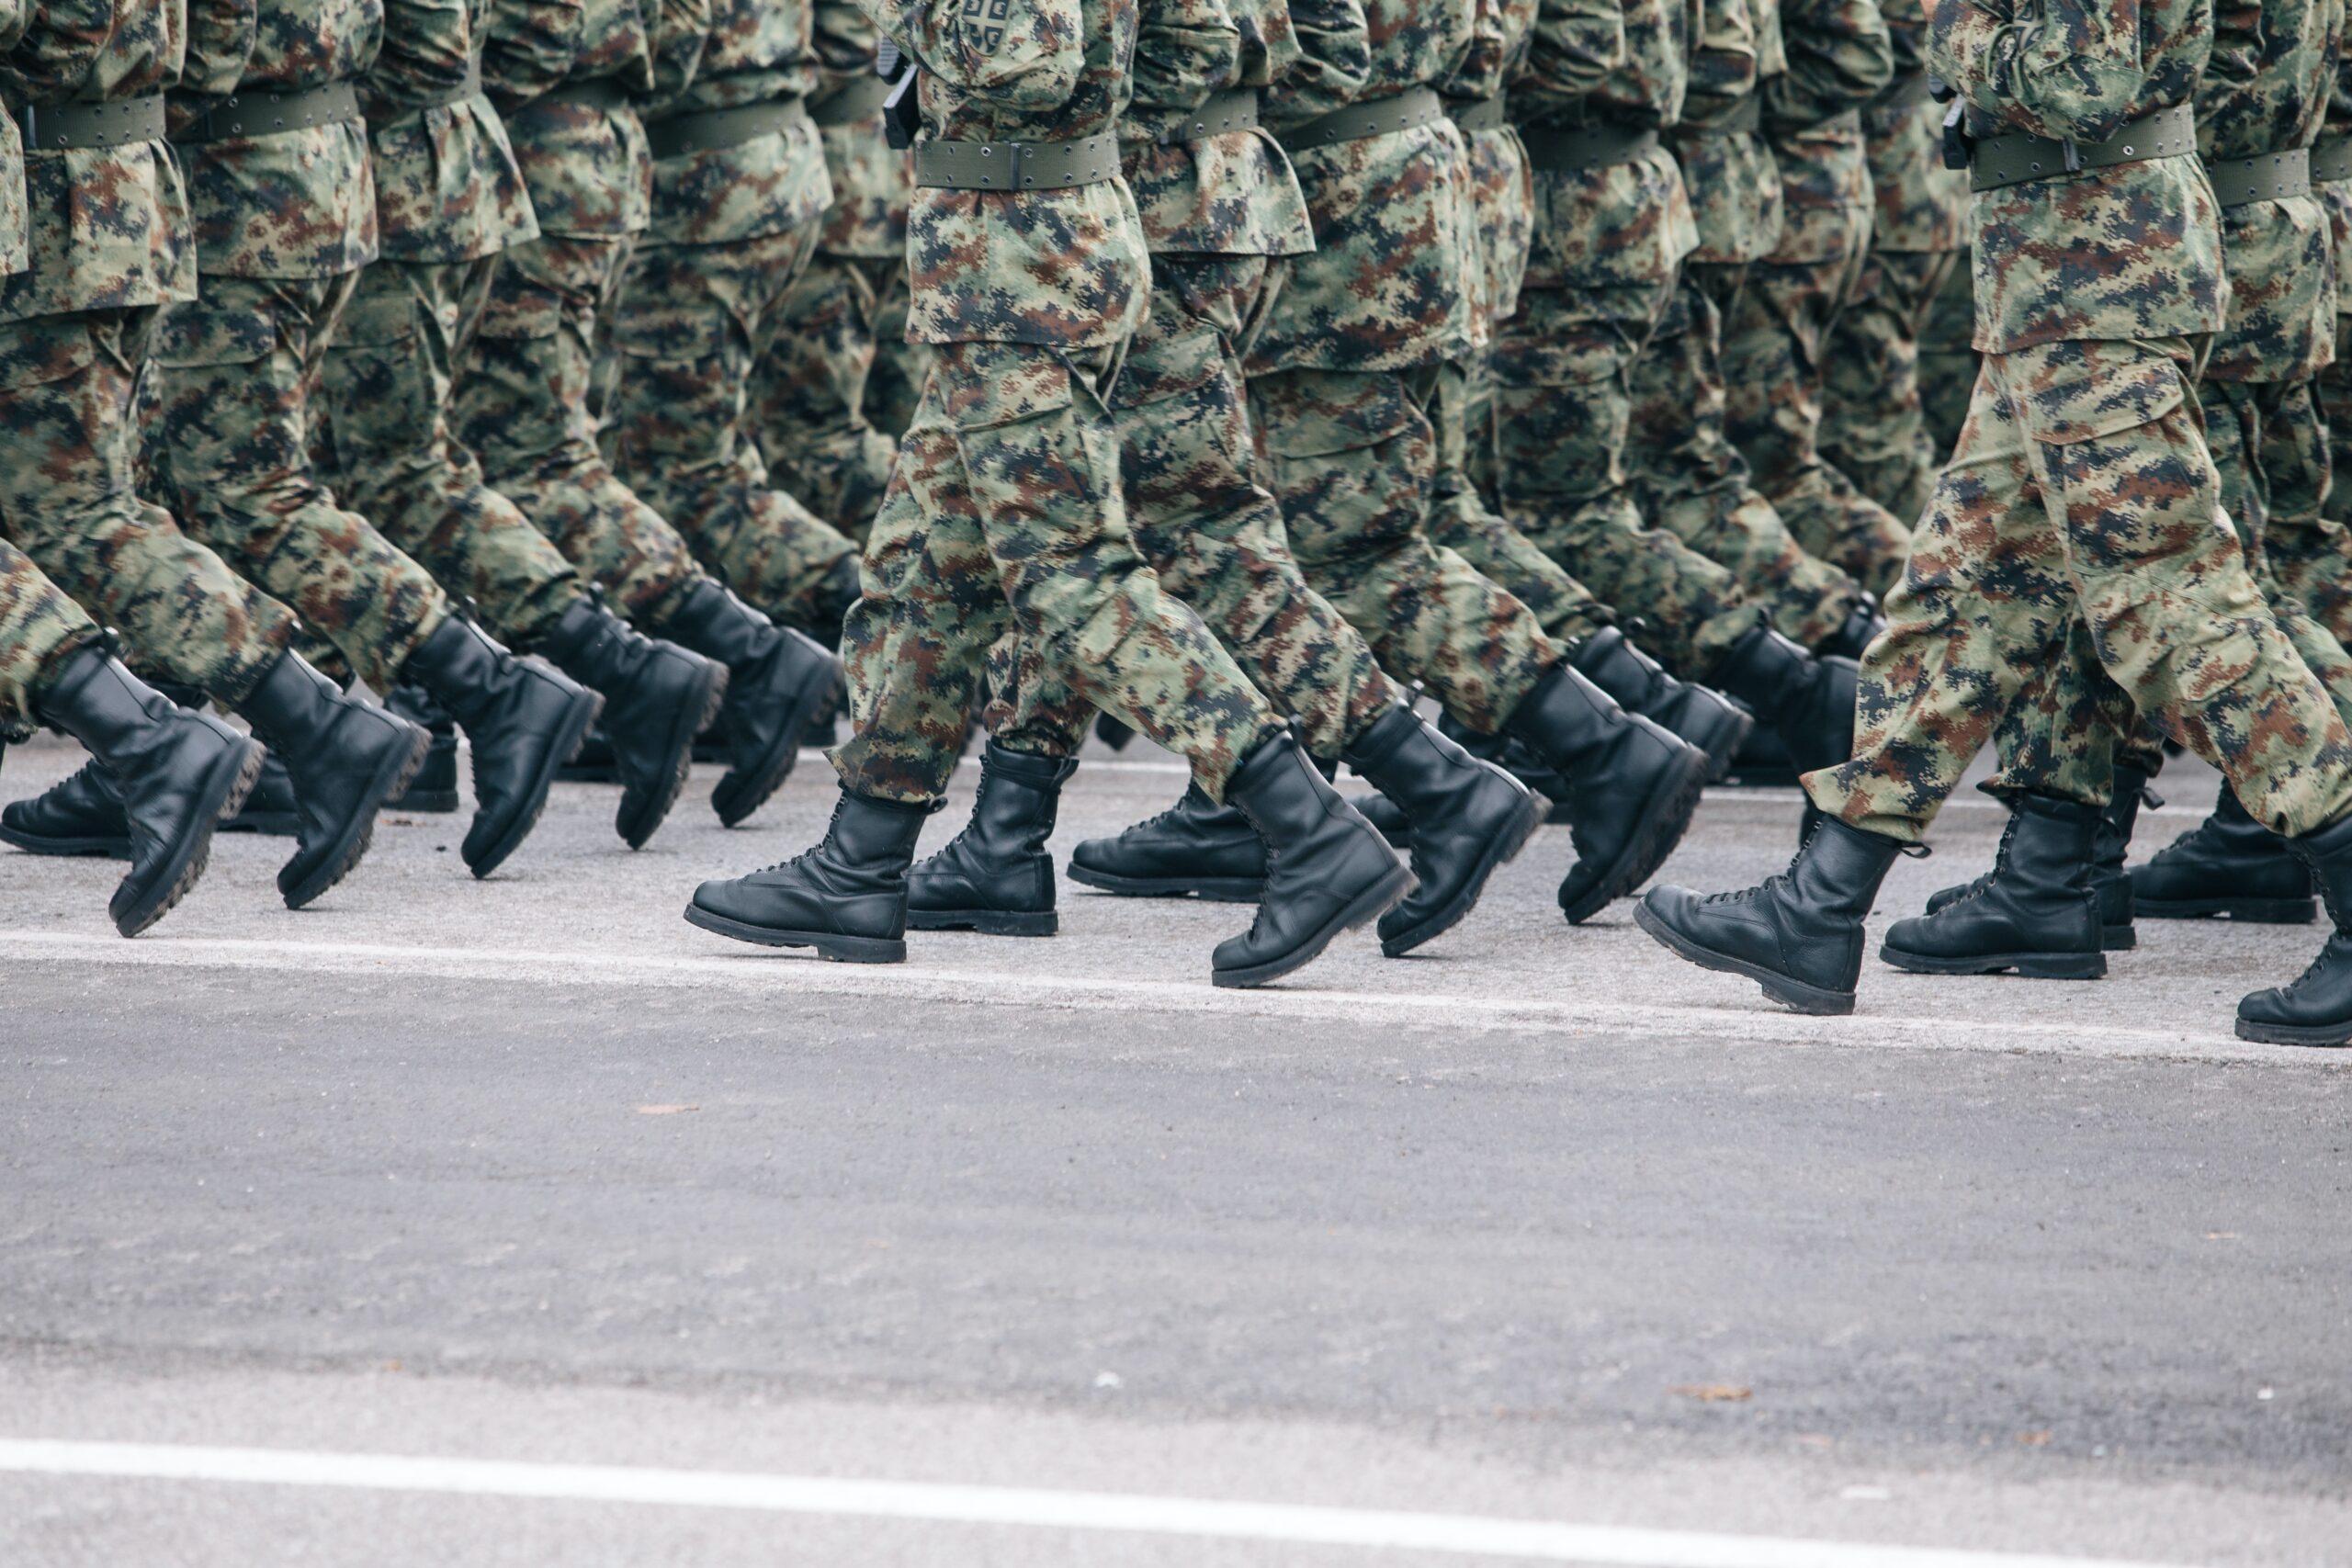 미국 군인 군화